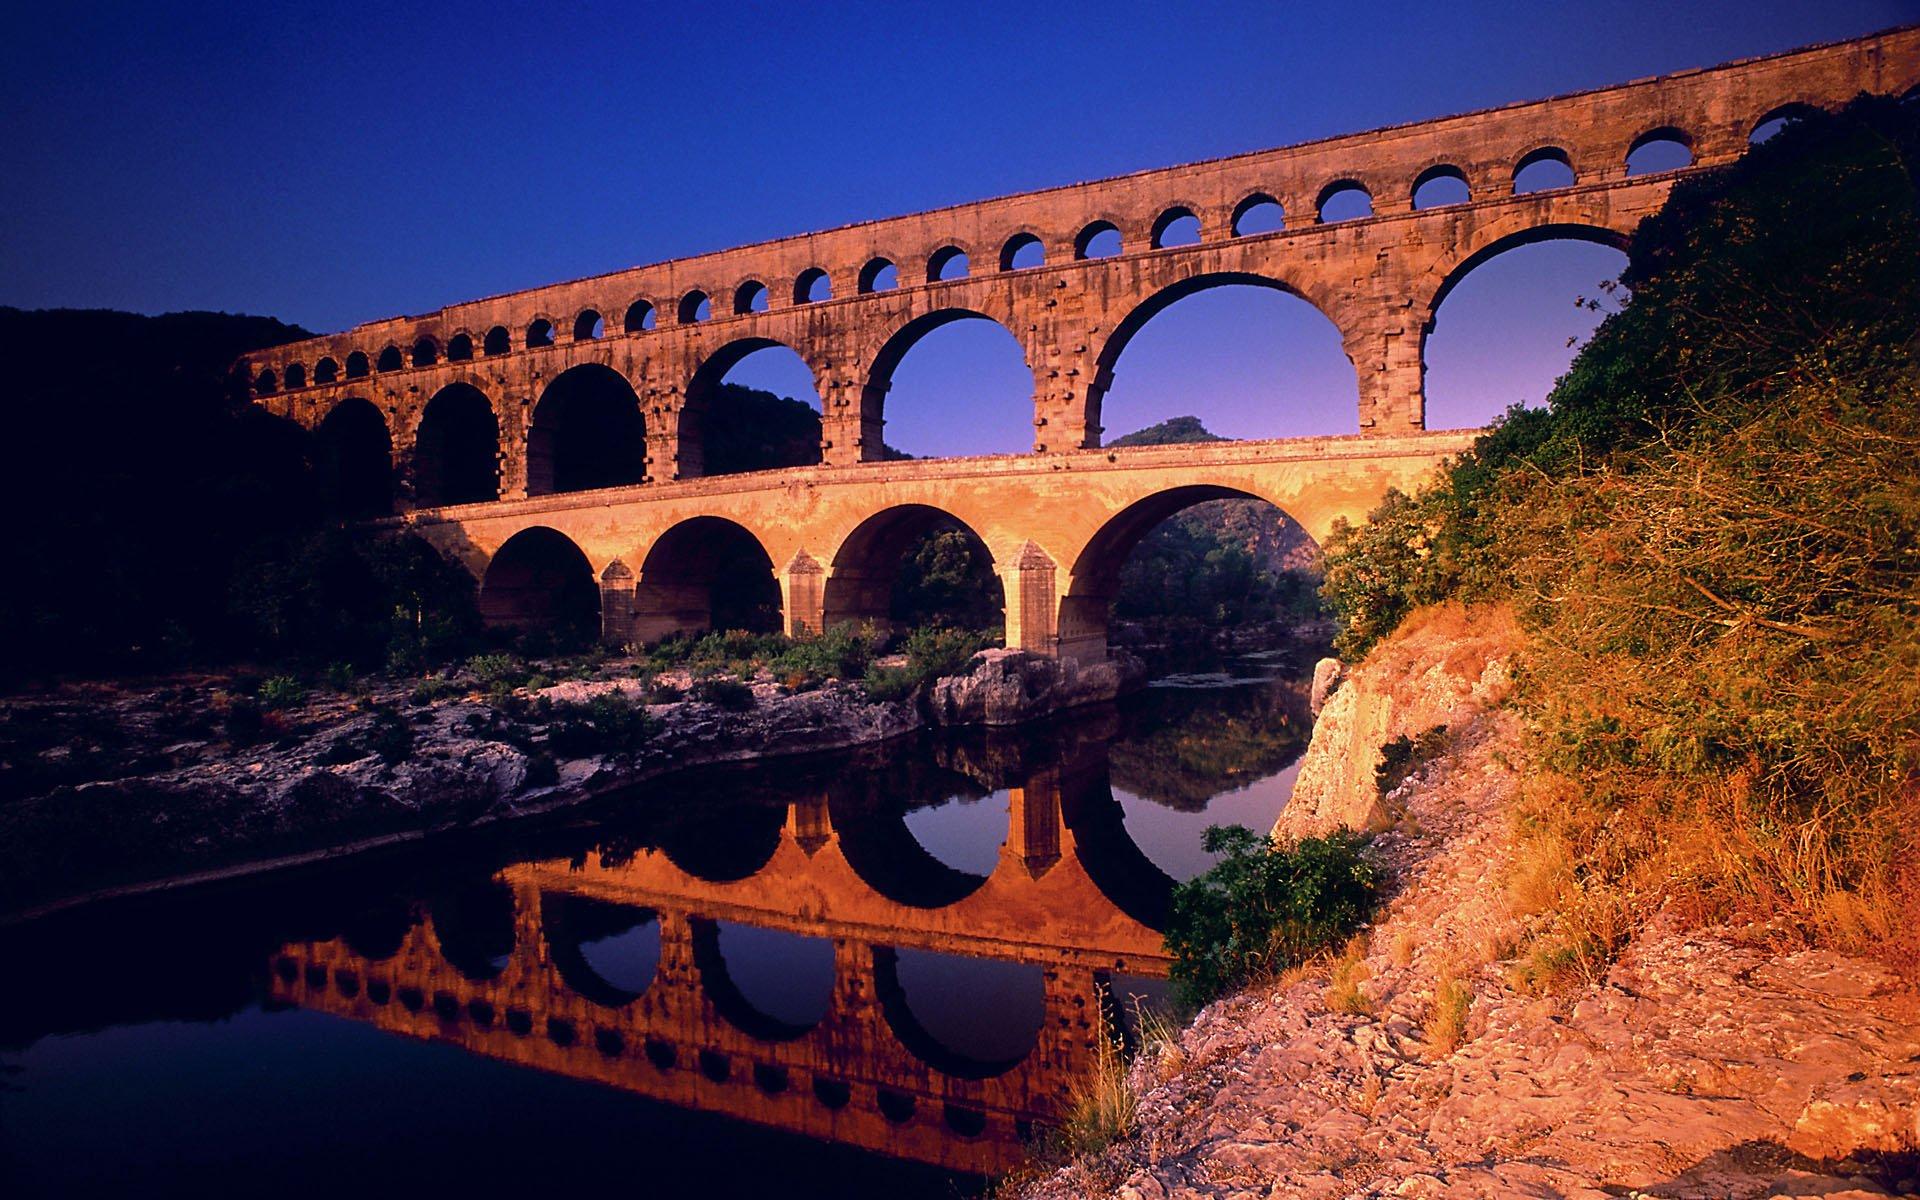 Открытку марта, картинка с мостом сканворд